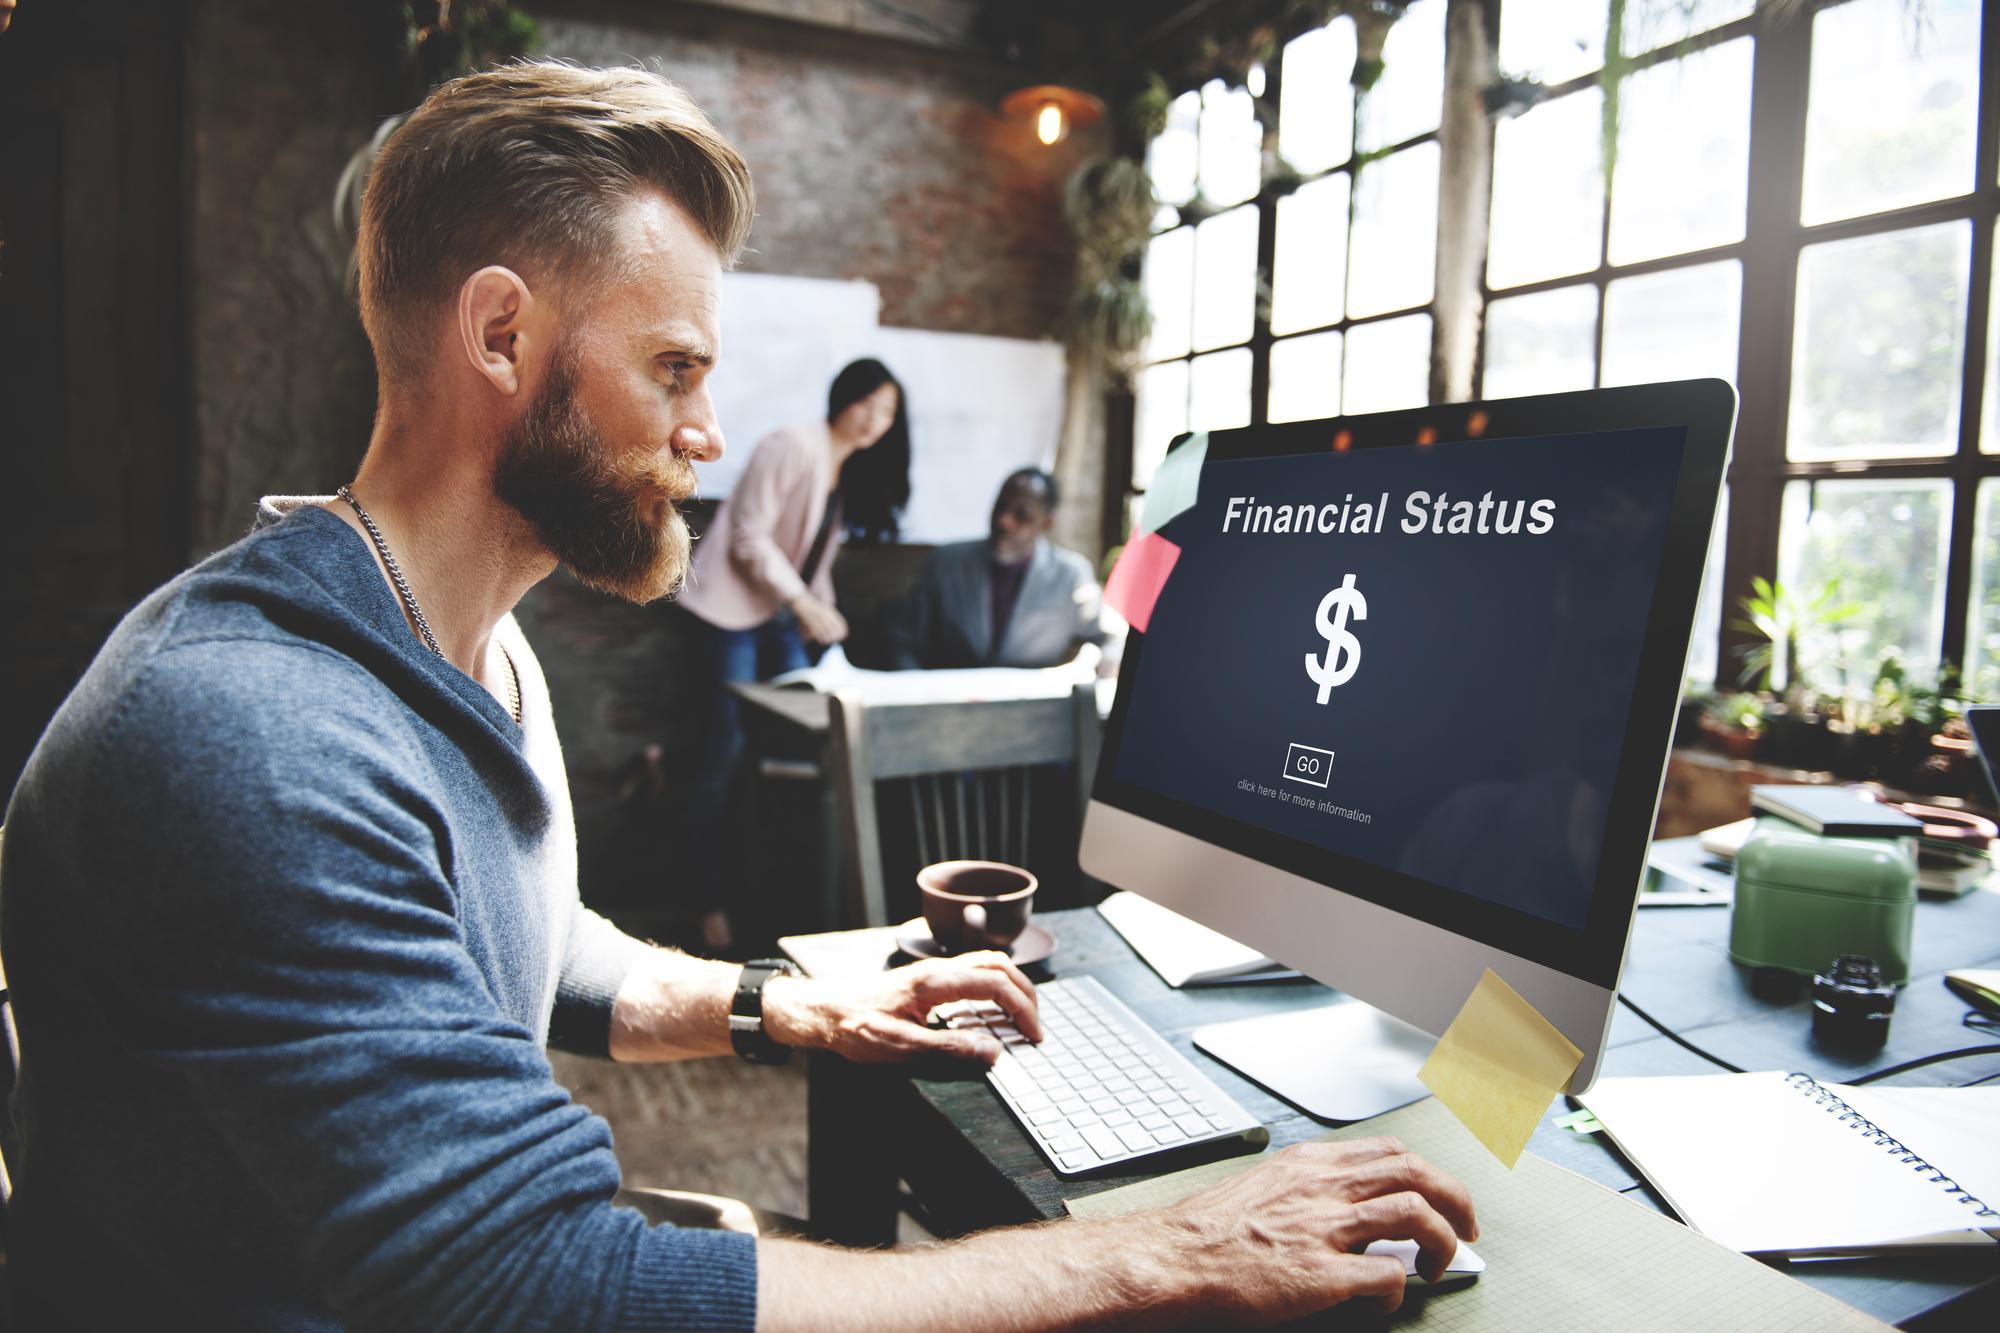 kredietwaardigheid toetsen